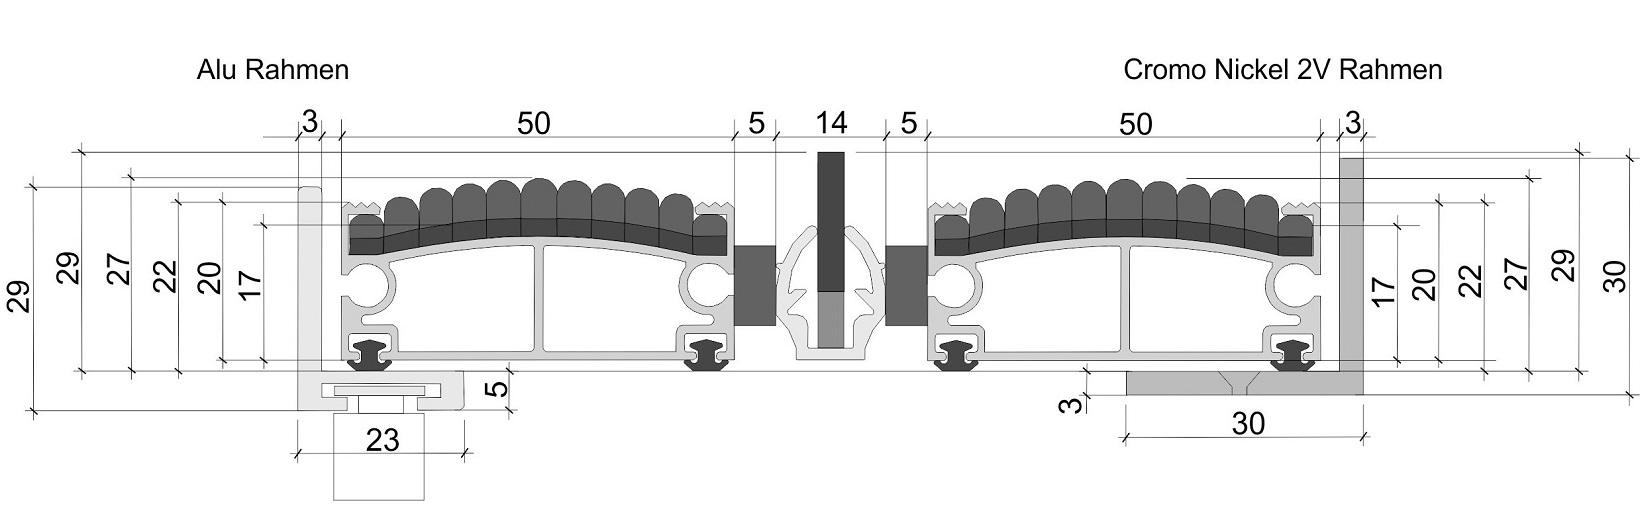 Premium Rips und Bürste 1-1 Höhe 29mm